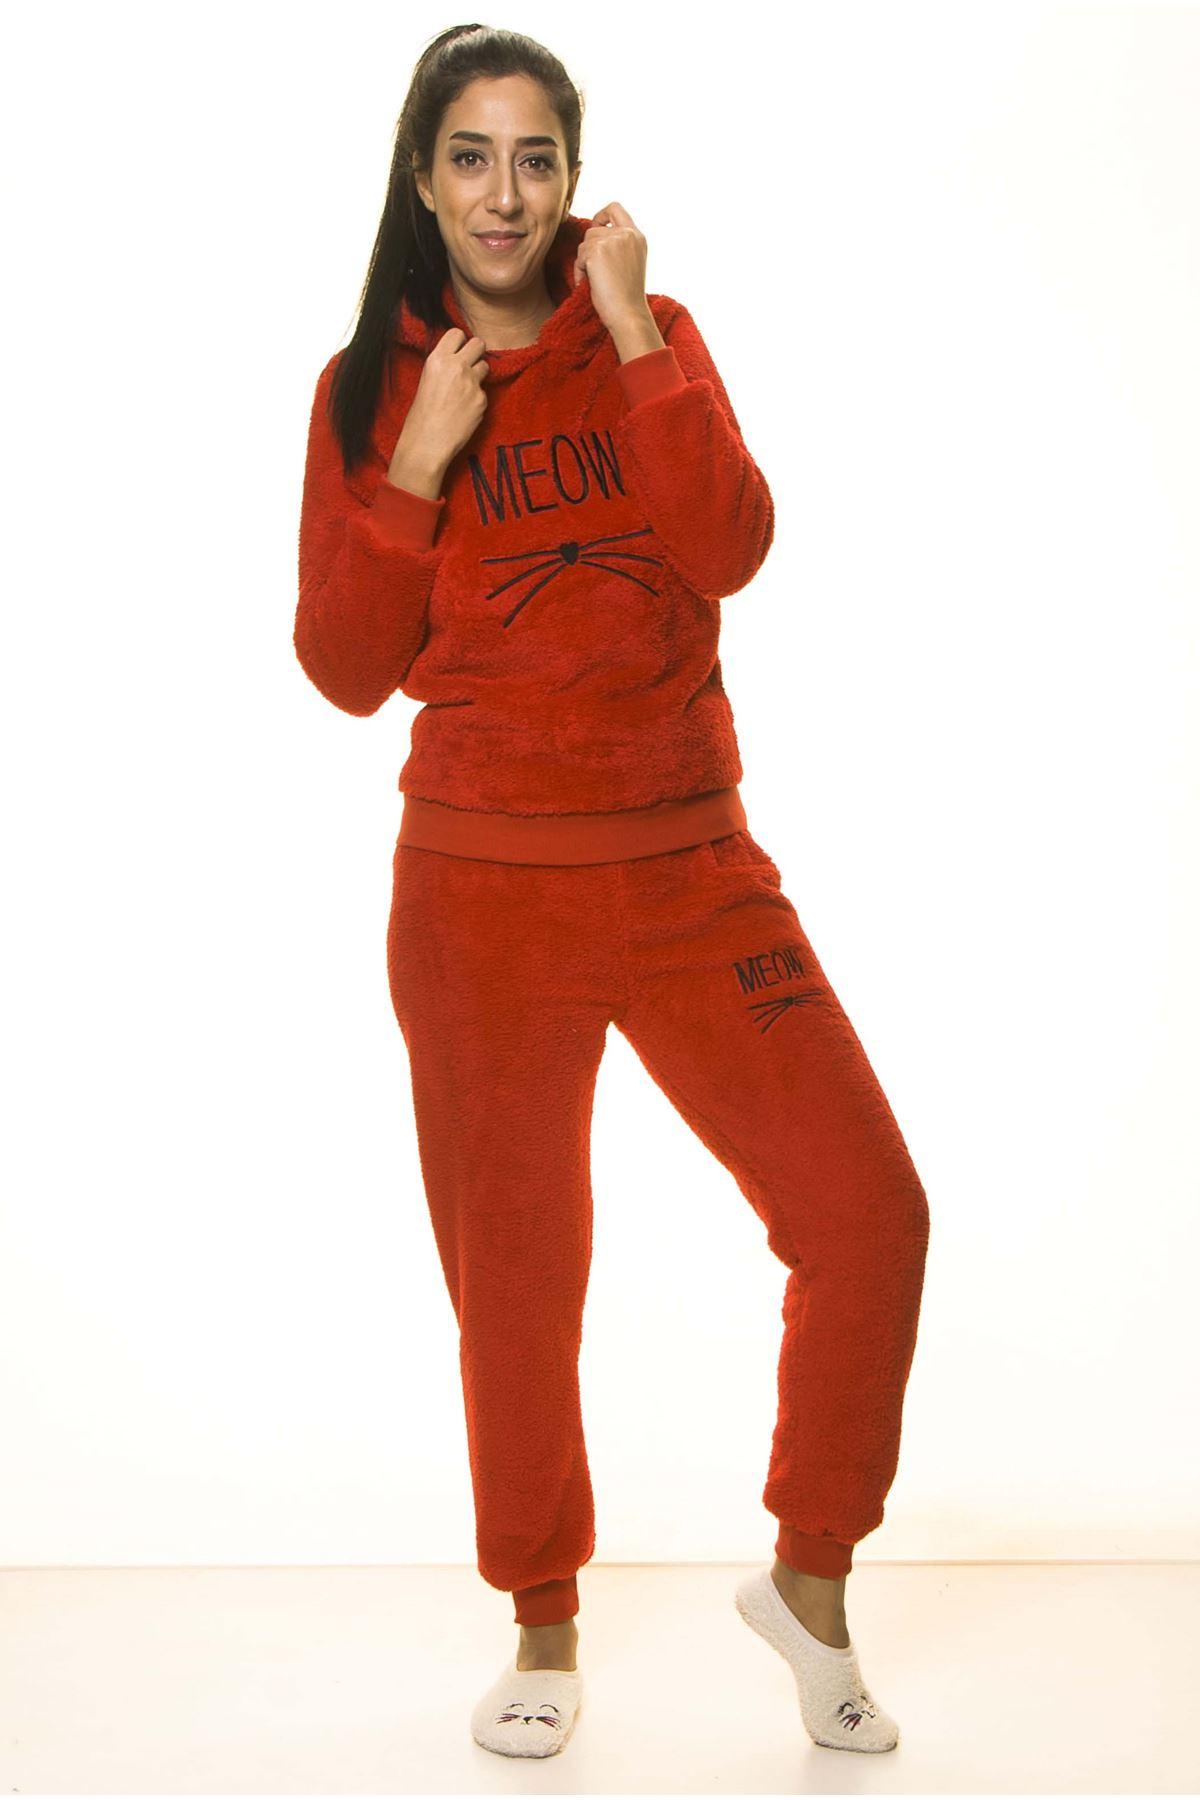 Kadın Kırmızı Meow Desenli Tam Peluş Pijama Takımı 2C-2049